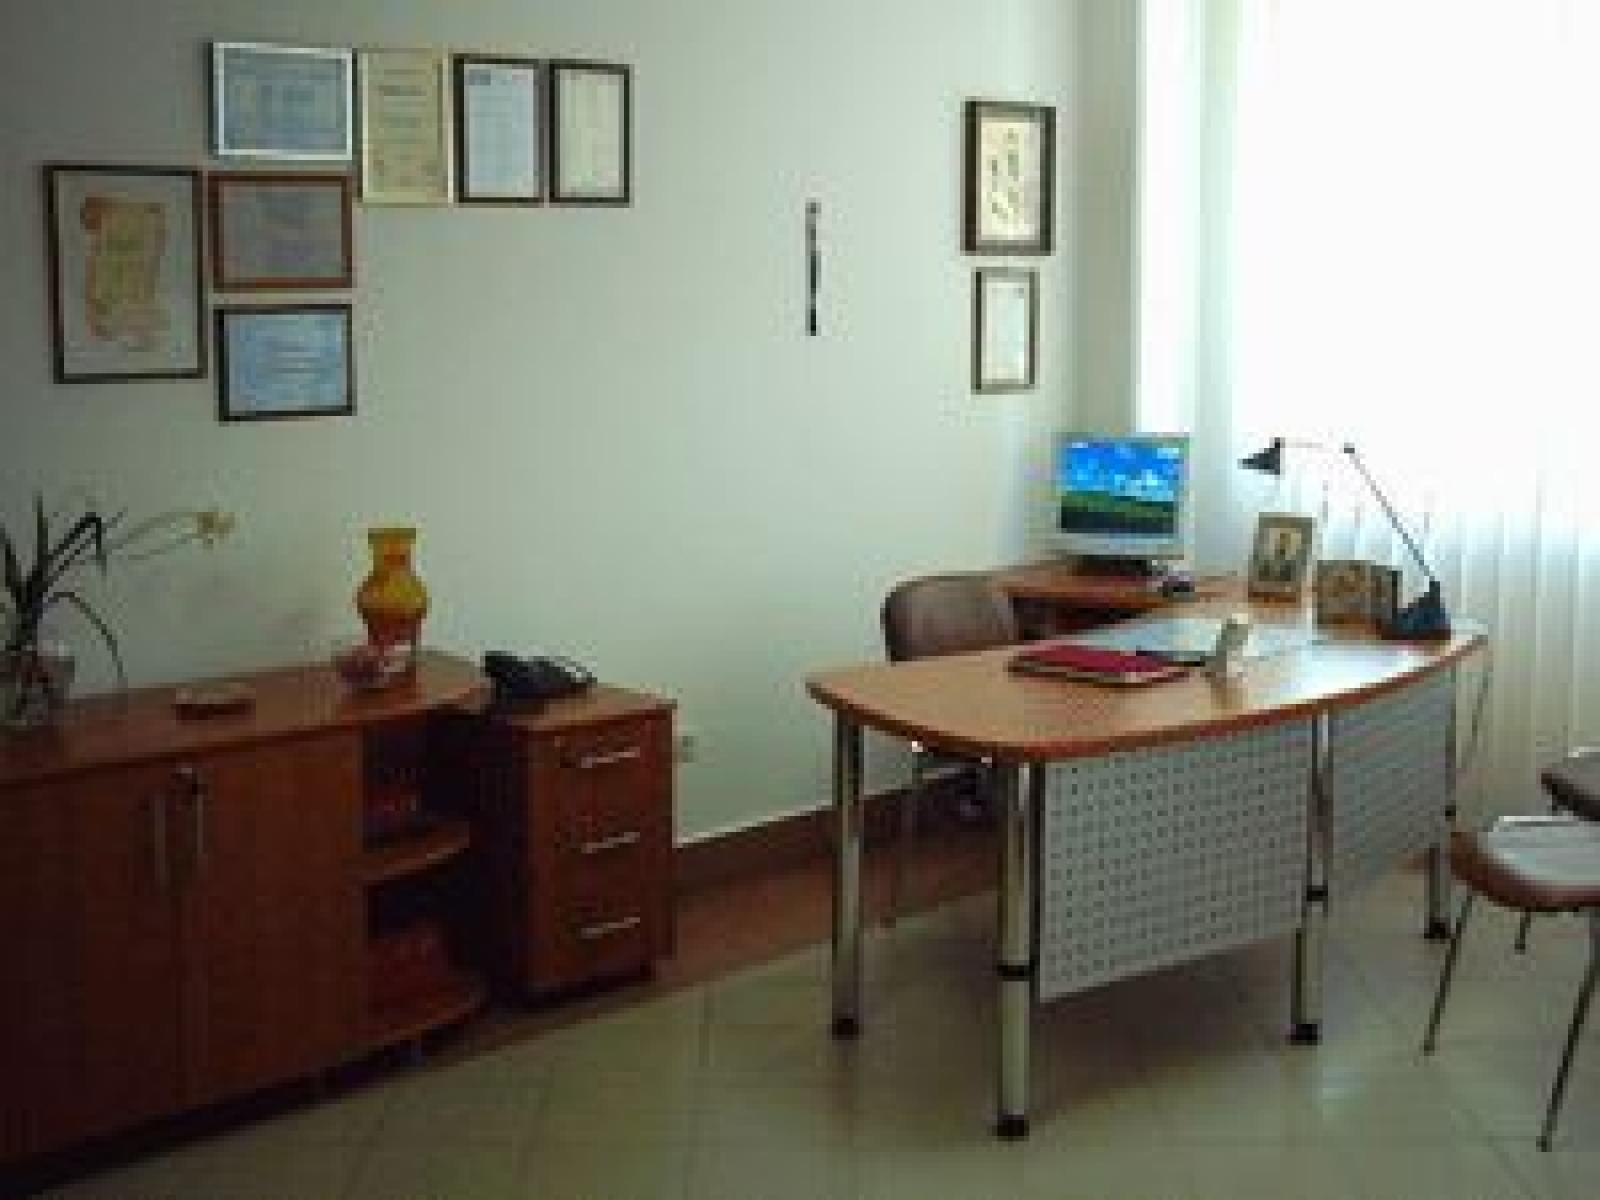 Clinica Dr.Chelariu - clinica_04.jpg